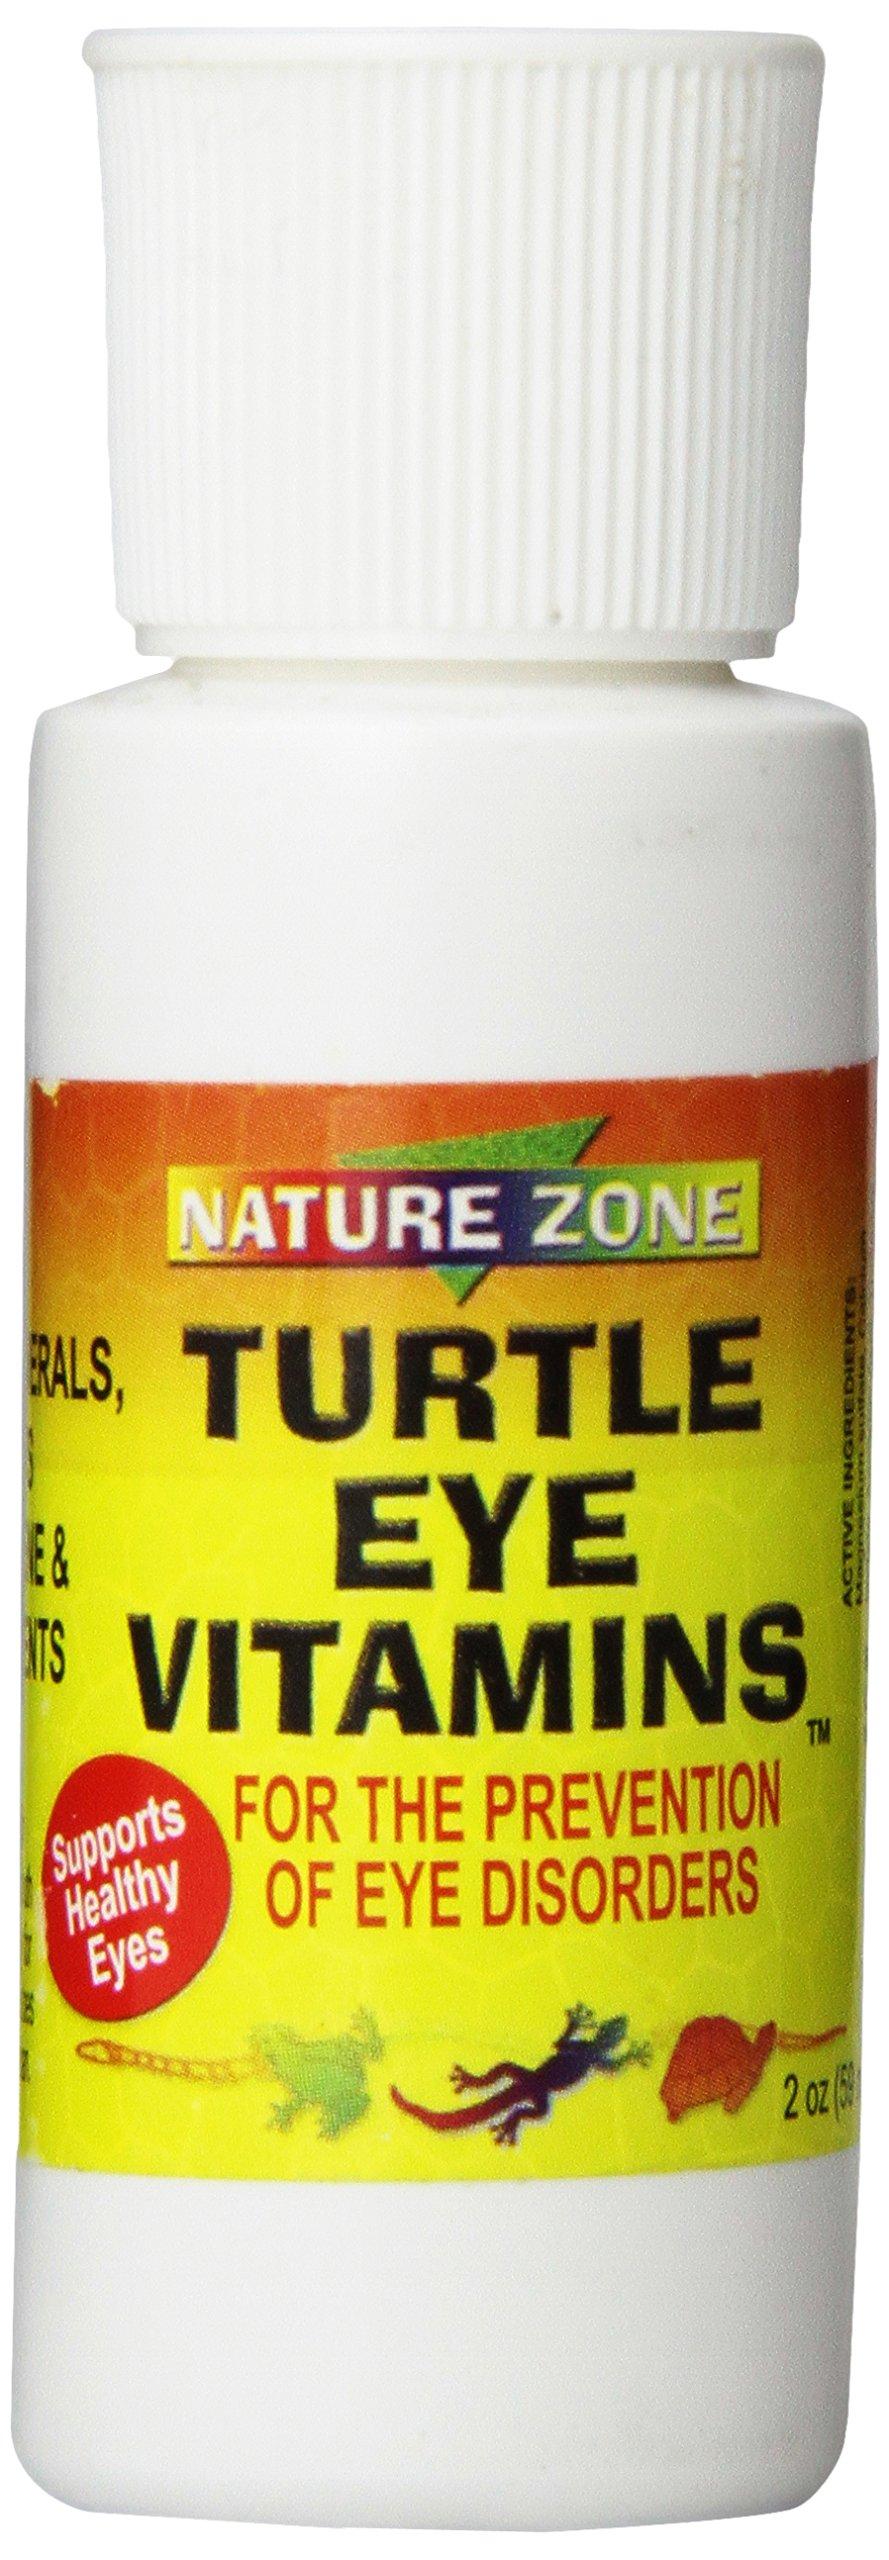 Nature Zone SNZ59251 Turtle Eye Vitamin Supplement, 2 oz